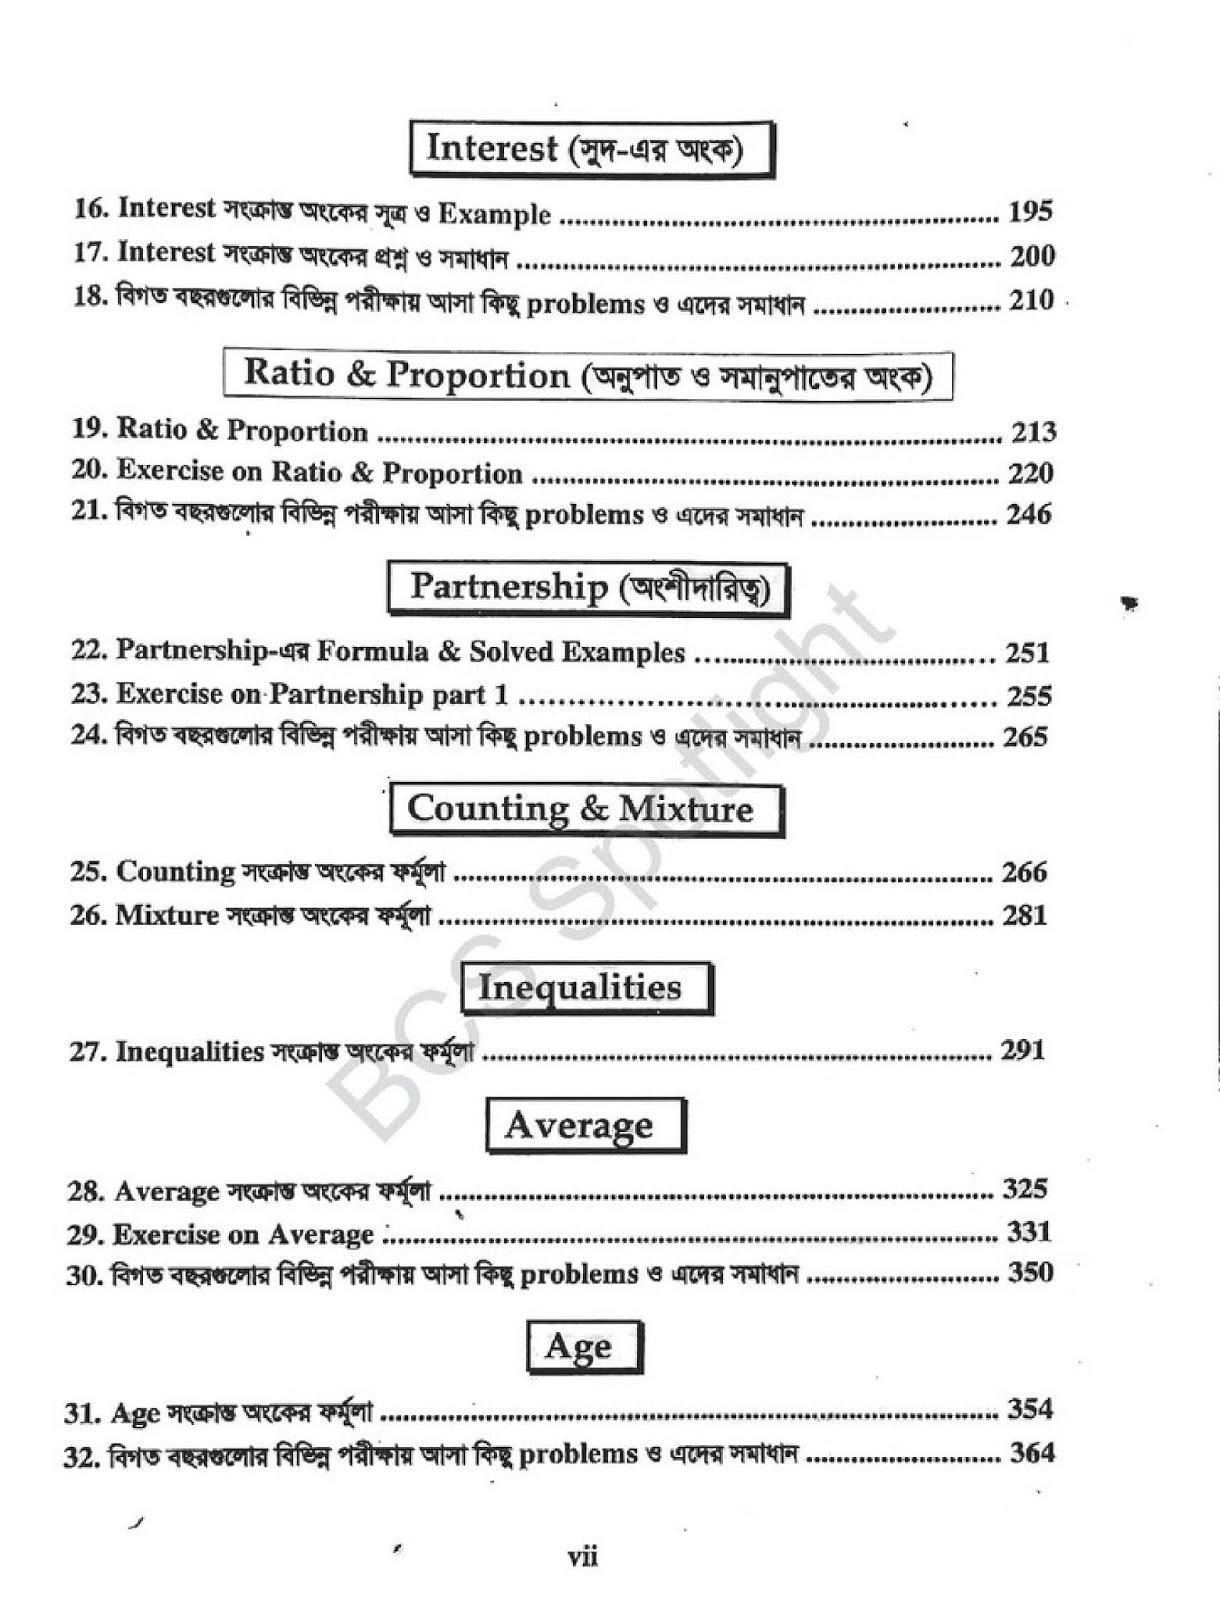 সাইফুরস ম্যাথ pdf |সাইফুরস এর বই ডাউনলোড |ম্যাজিক ম্যাথ pdf